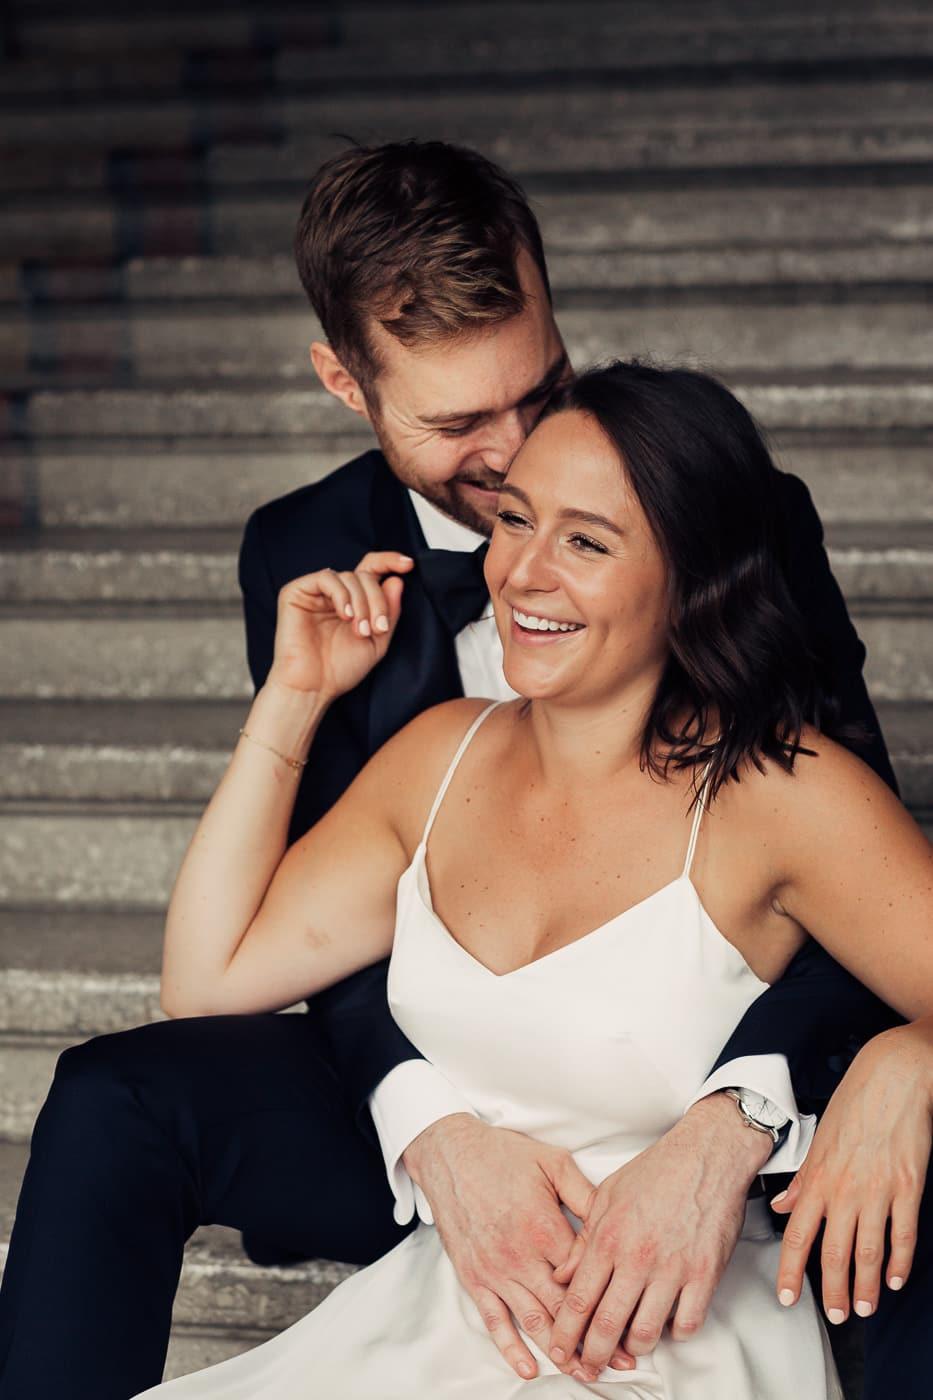 Caroline & Bendik - avslappet og morsomt bryllup i Ski Fotograf bryllup ski 21 Brudepar